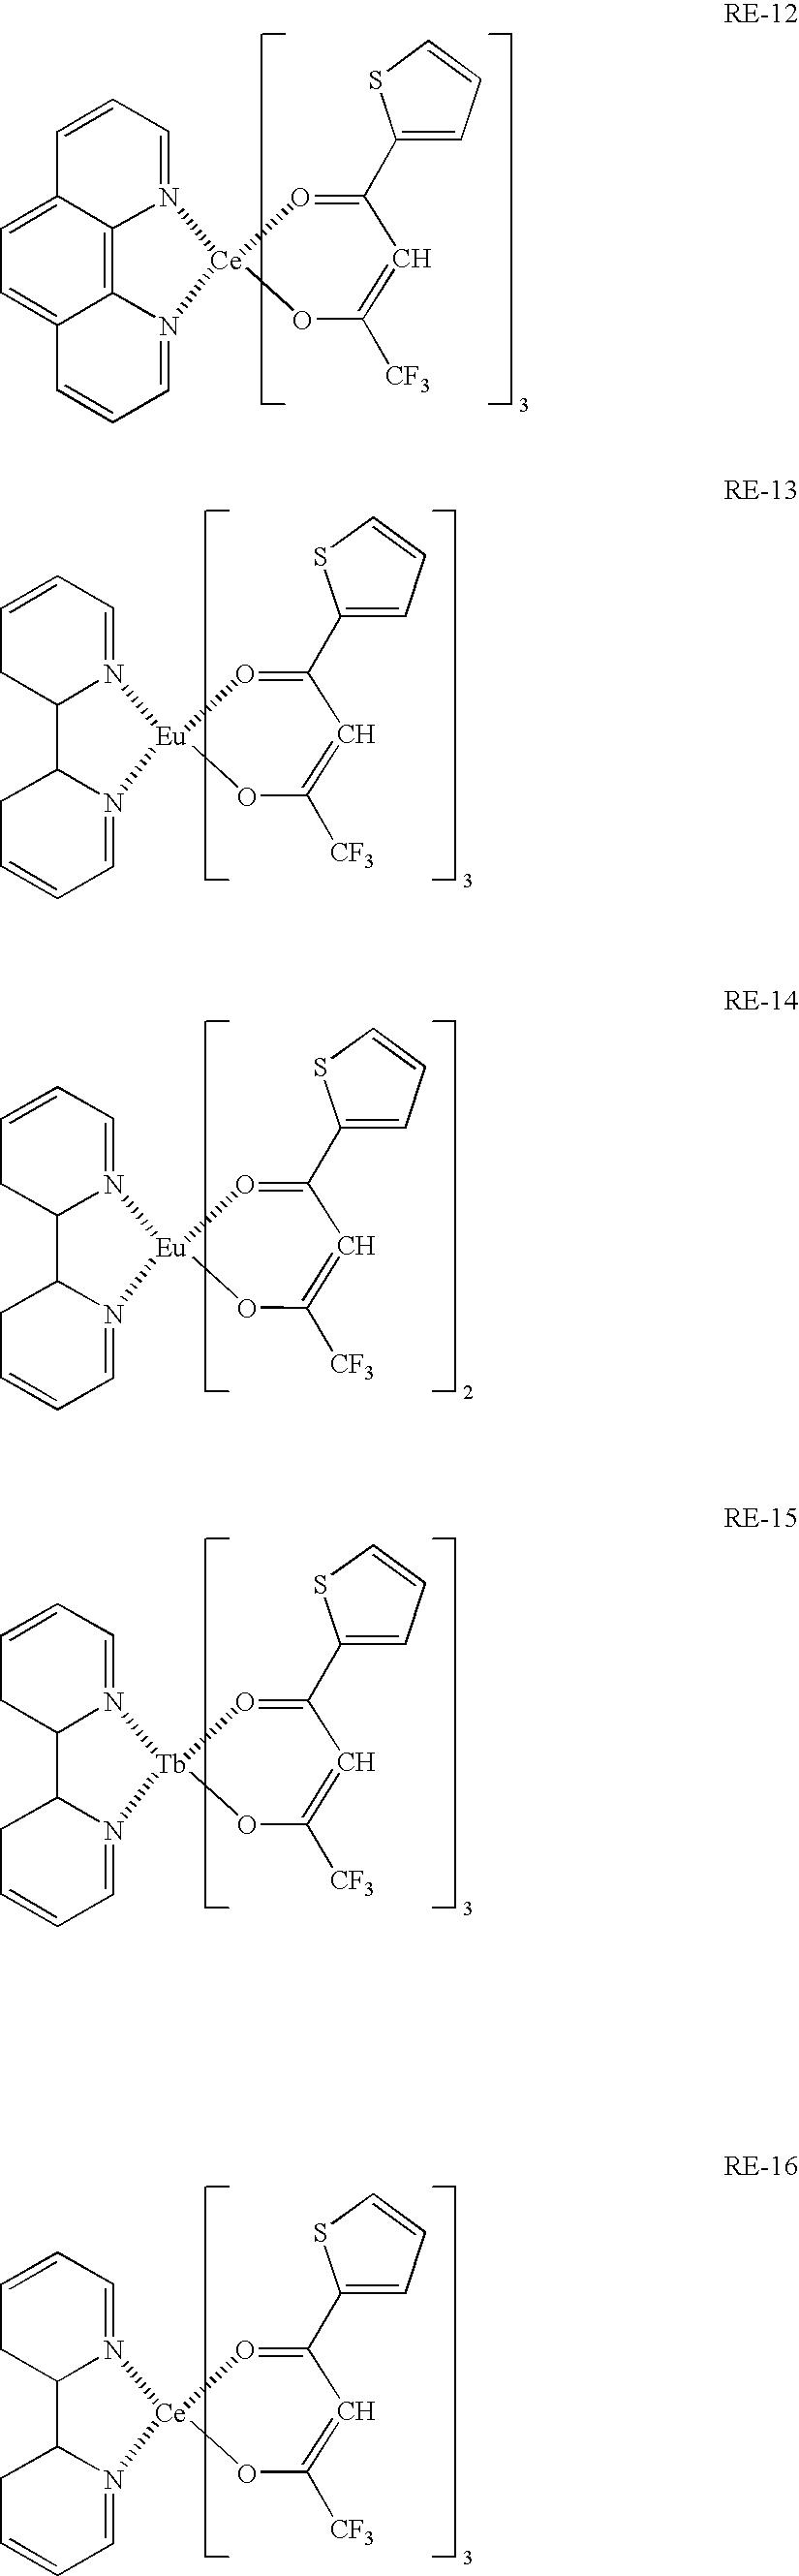 Figure US20040062951A1-20040401-C00048